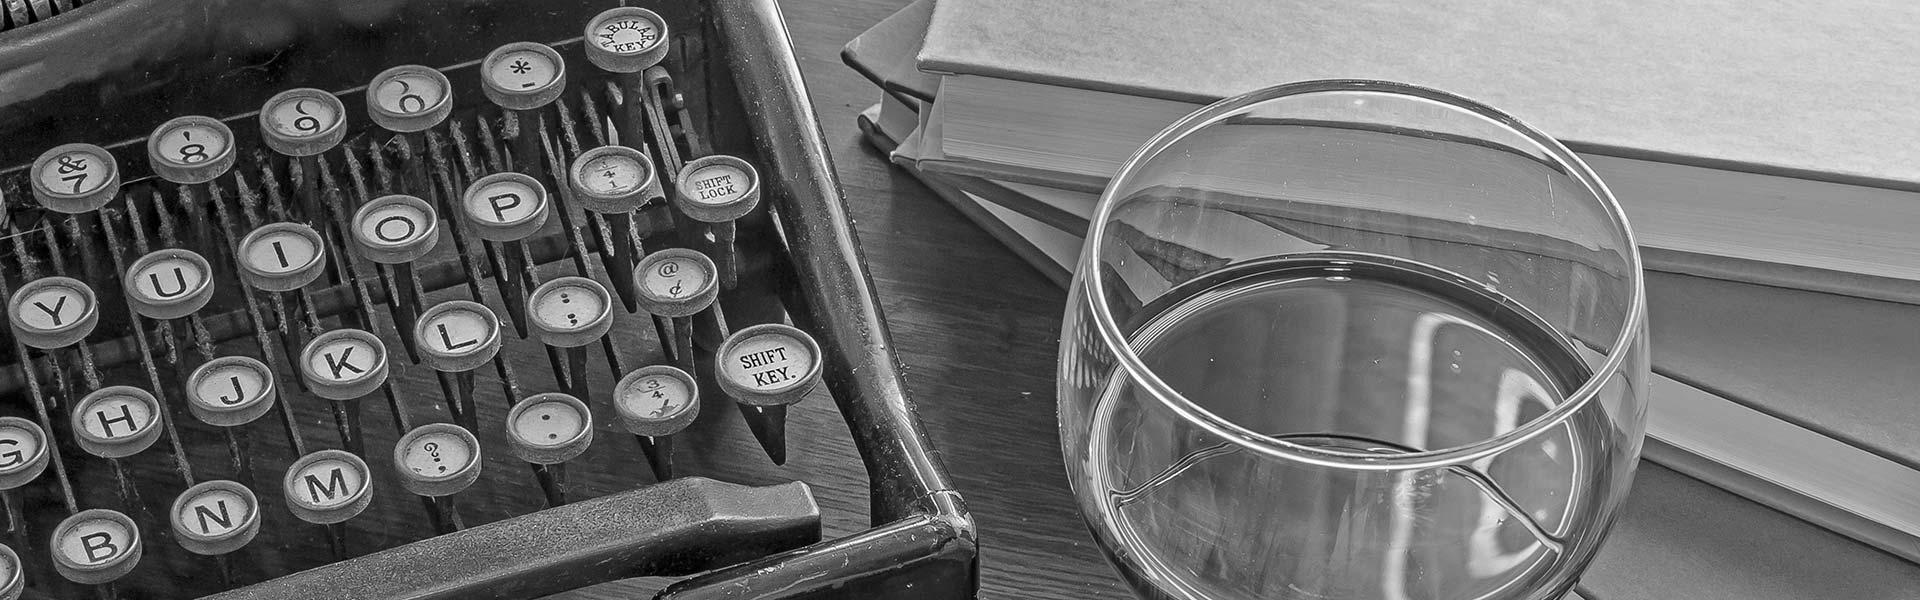 blog al sur gourmet vino gastronomía